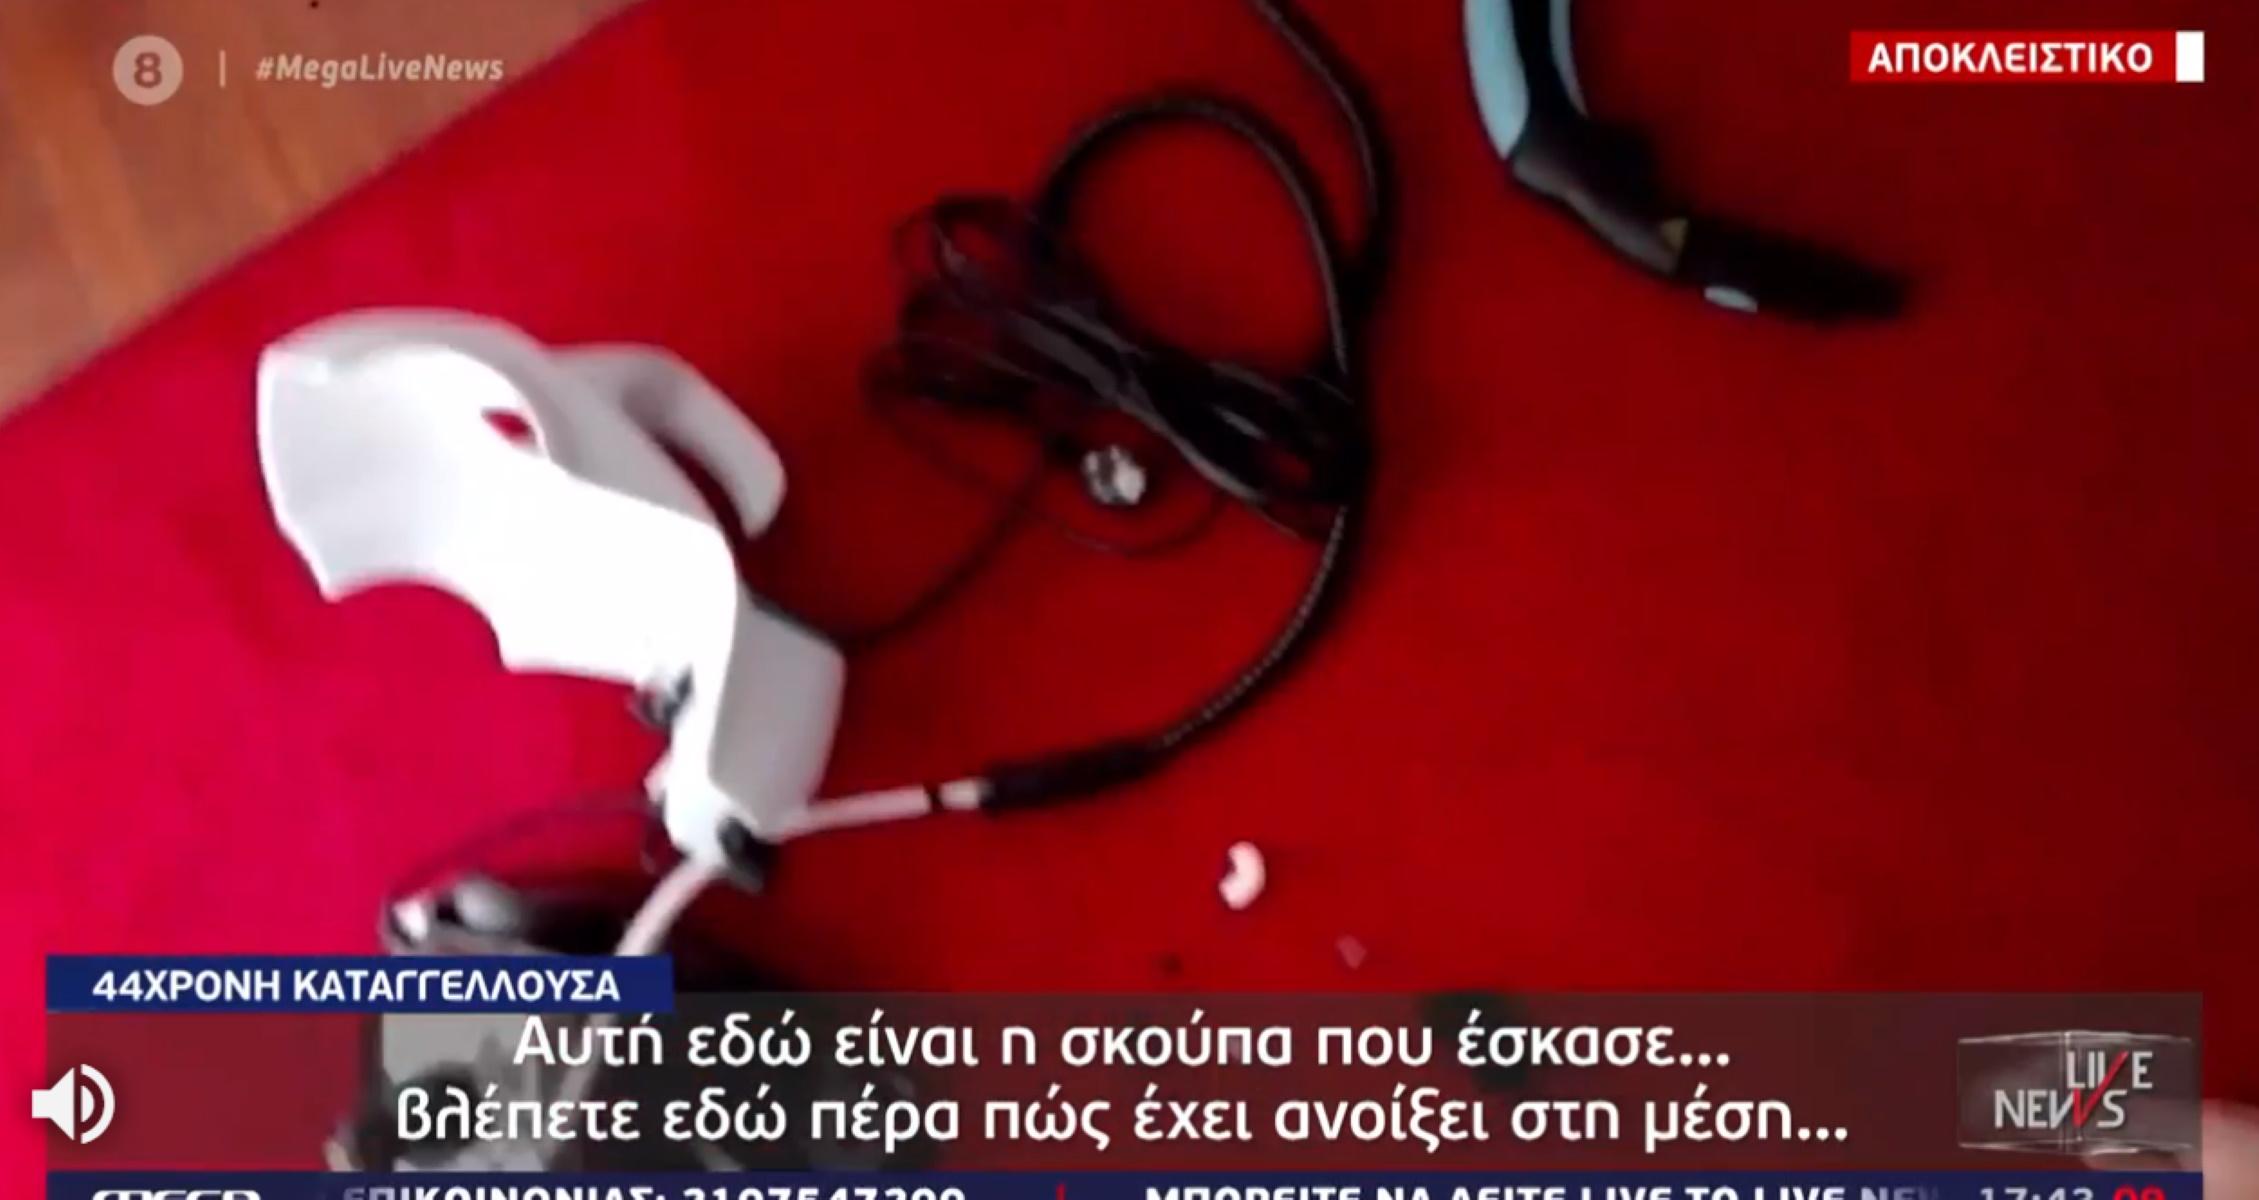 """Τρόμος για 44χρονη μητέρα: Εξερράγη η ηλεκτρική σκούπα – Αποκλειστικές εικόνες του """"Live News"""""""